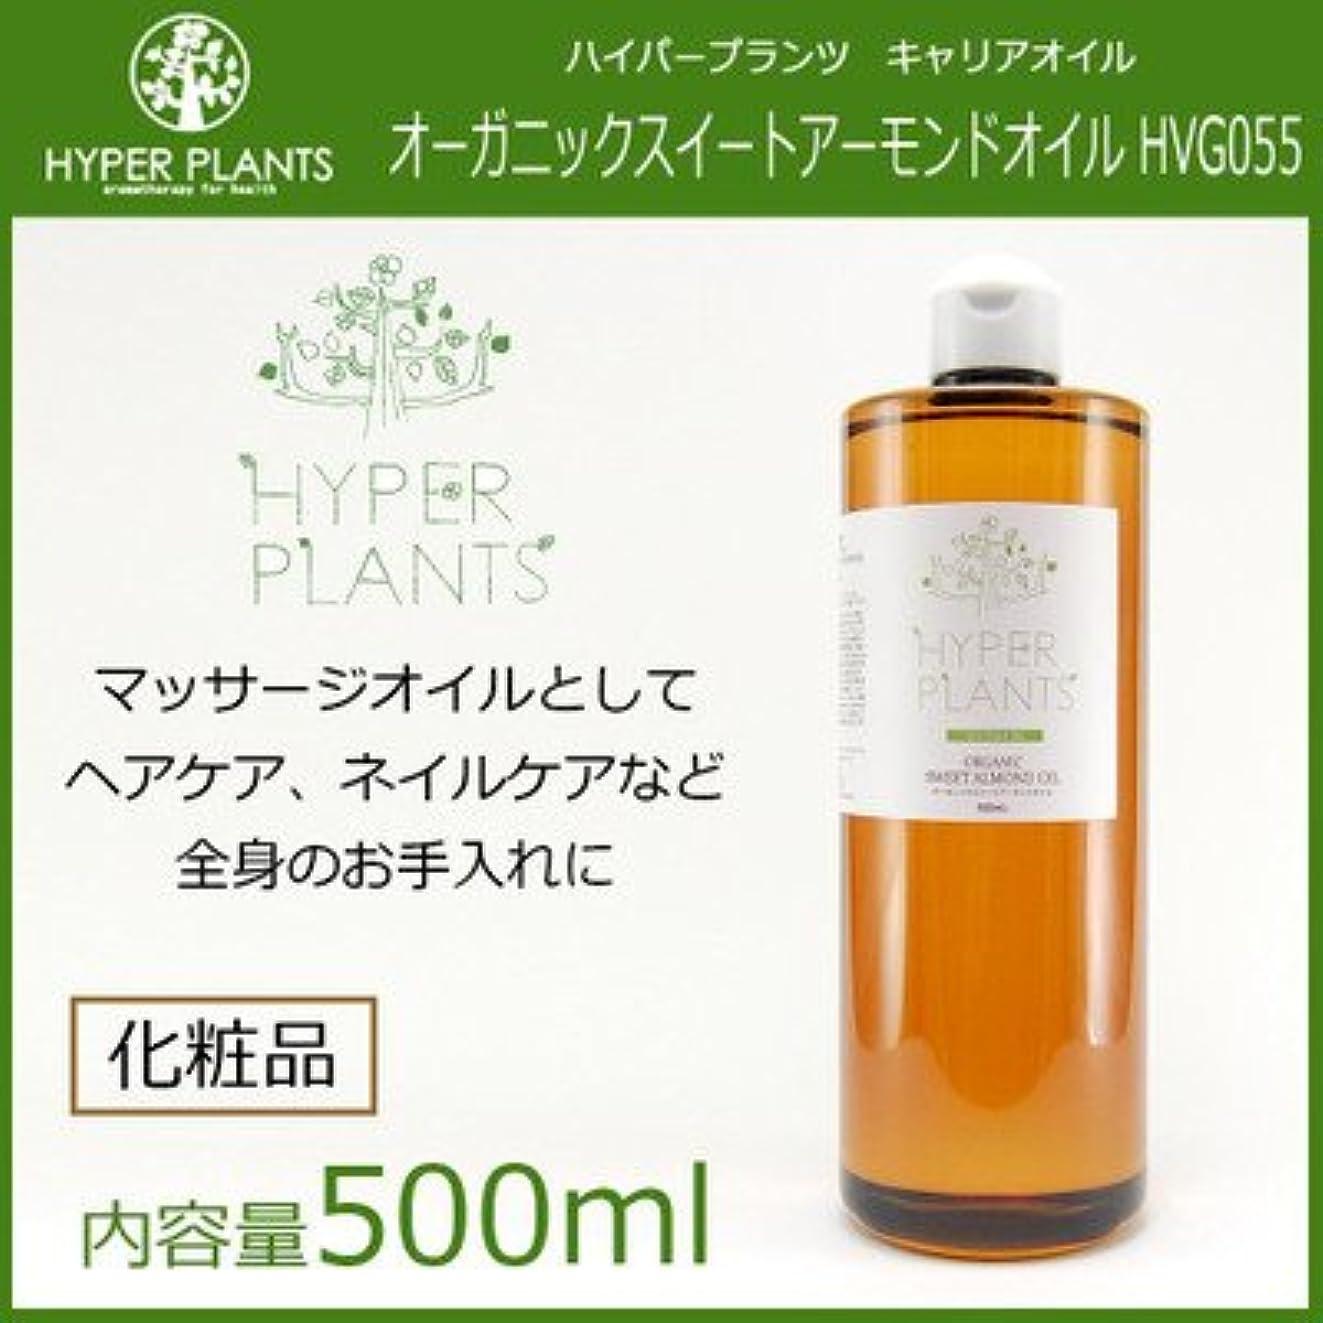 狐否定する許可する天然植物原料100%使用 肌をやさしく守る定番オイル HYPER PLANTS ハイパープランツ キャリアオイル オーガニックスイートアーモンドオイル 500ml HVG055